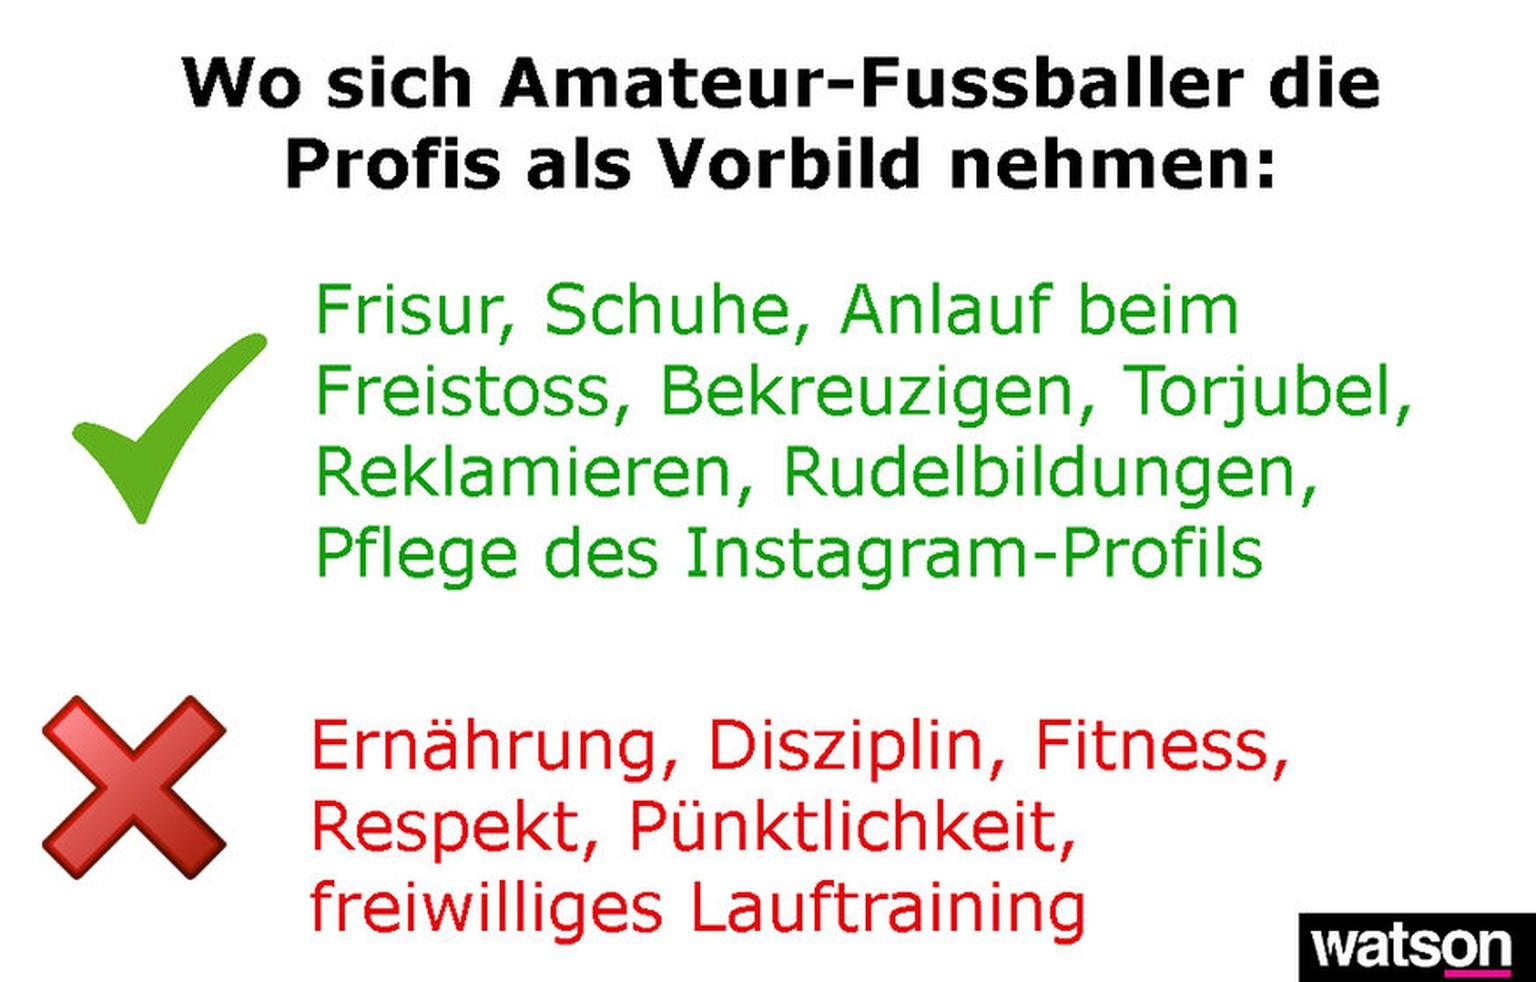 7 Flachwitze Zum Klassiker Zwischen Bvb Und Bayern München